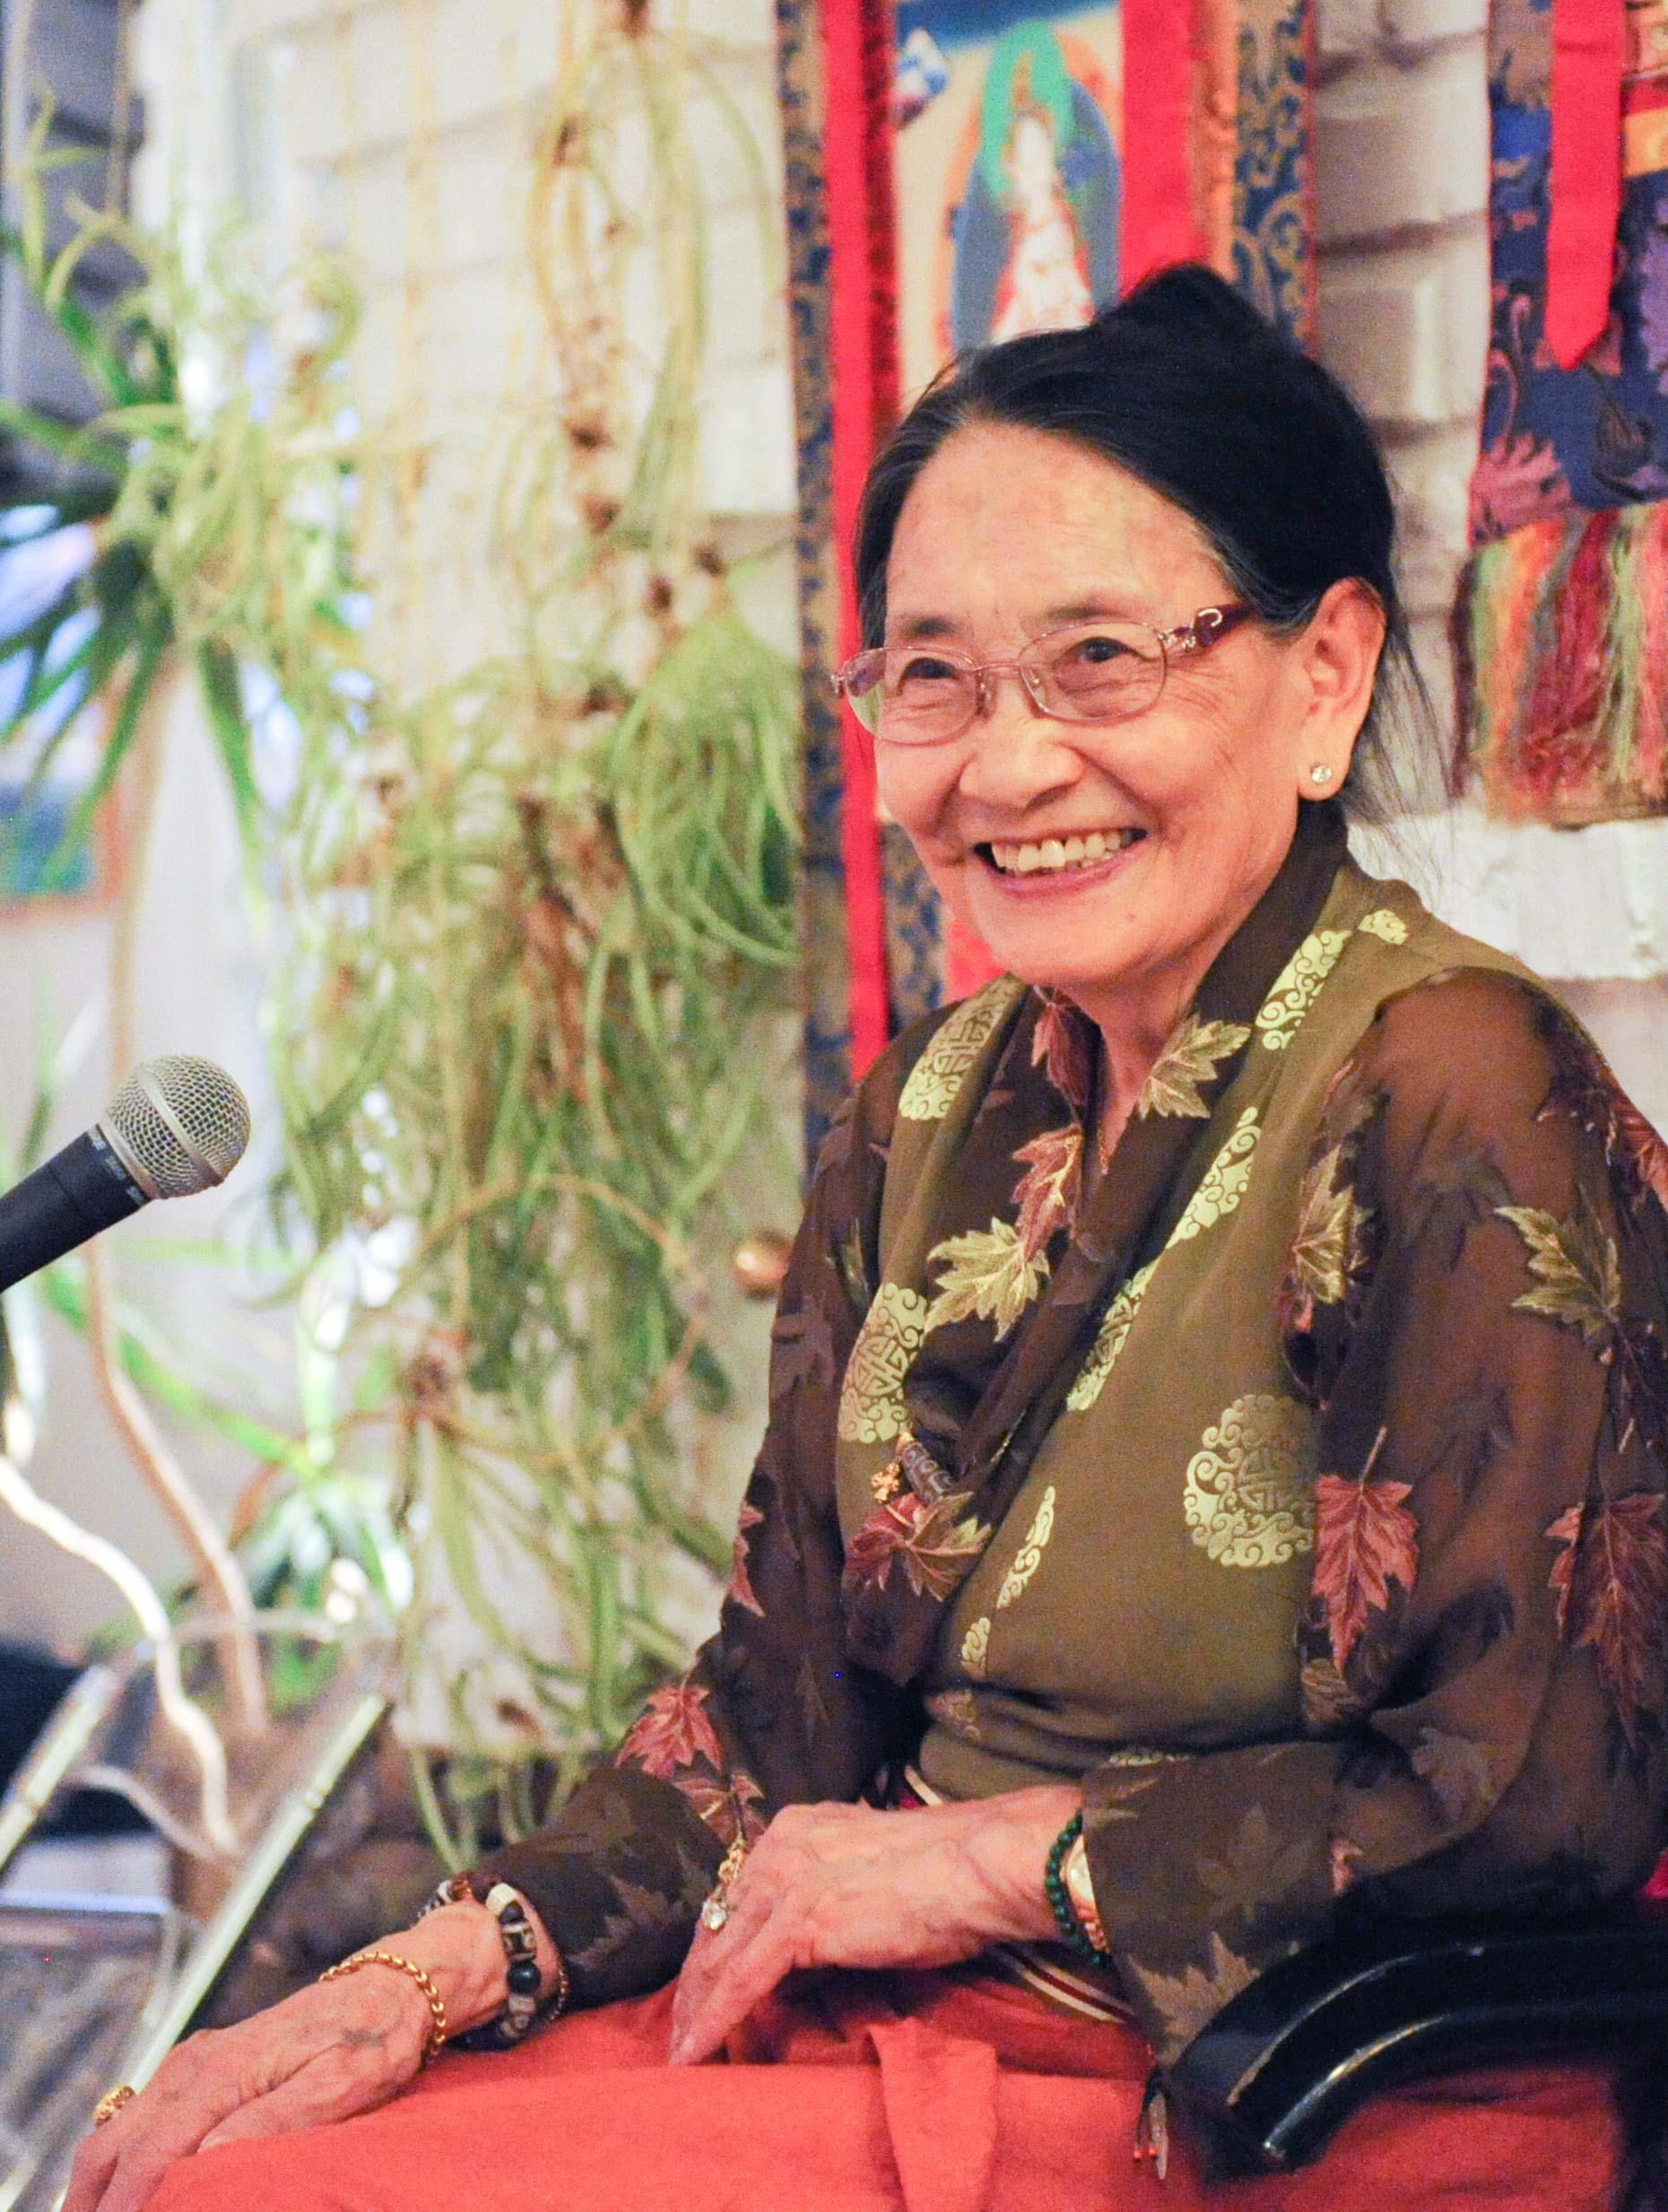 Dagmola Sakya giving a teaching in Malibu